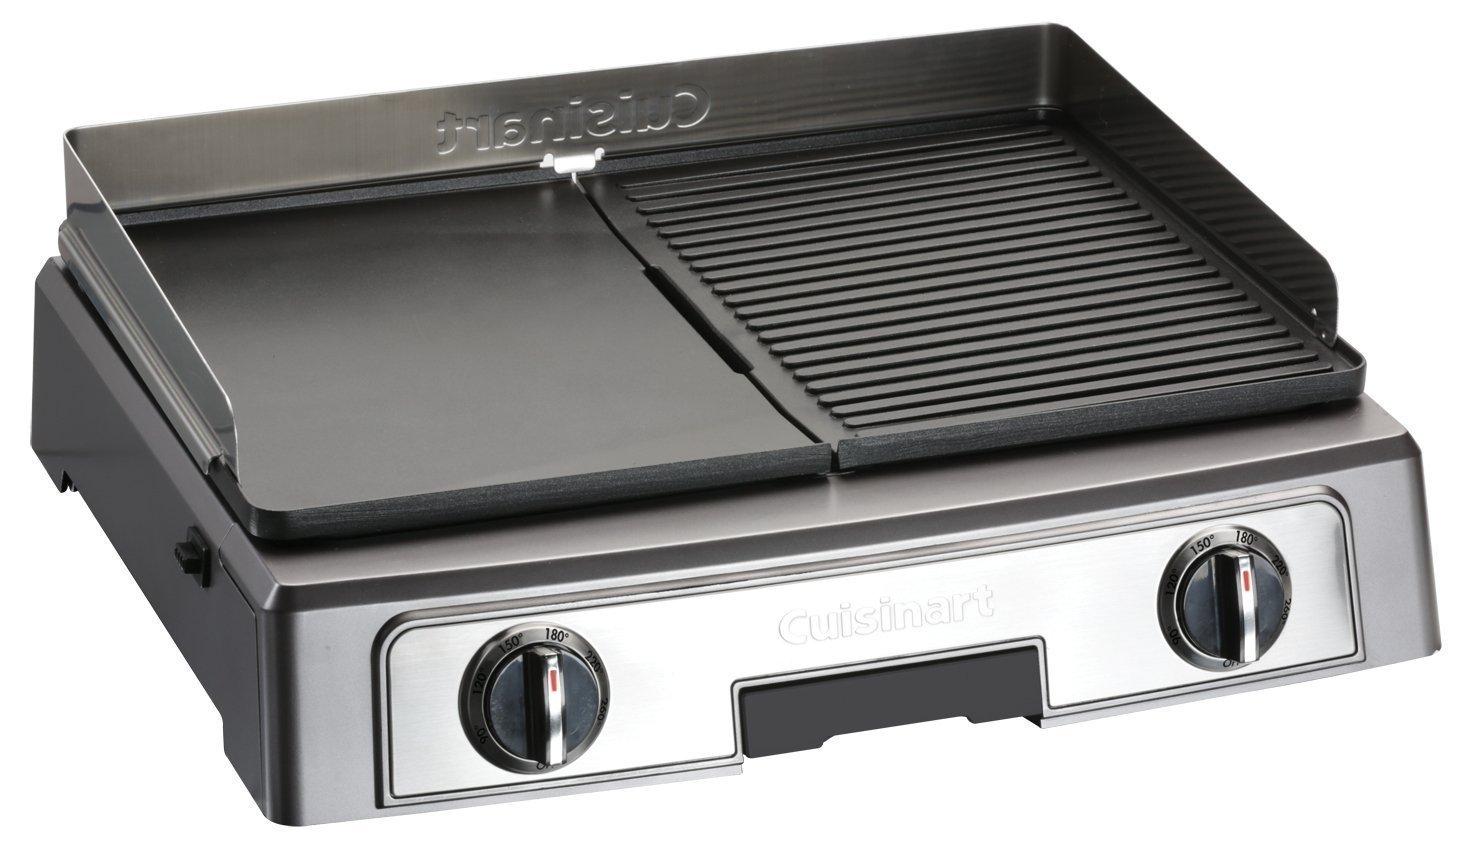 Barbecue sur pied 2 en 1 Tefal BG931812 à 99€ • Electroconseil